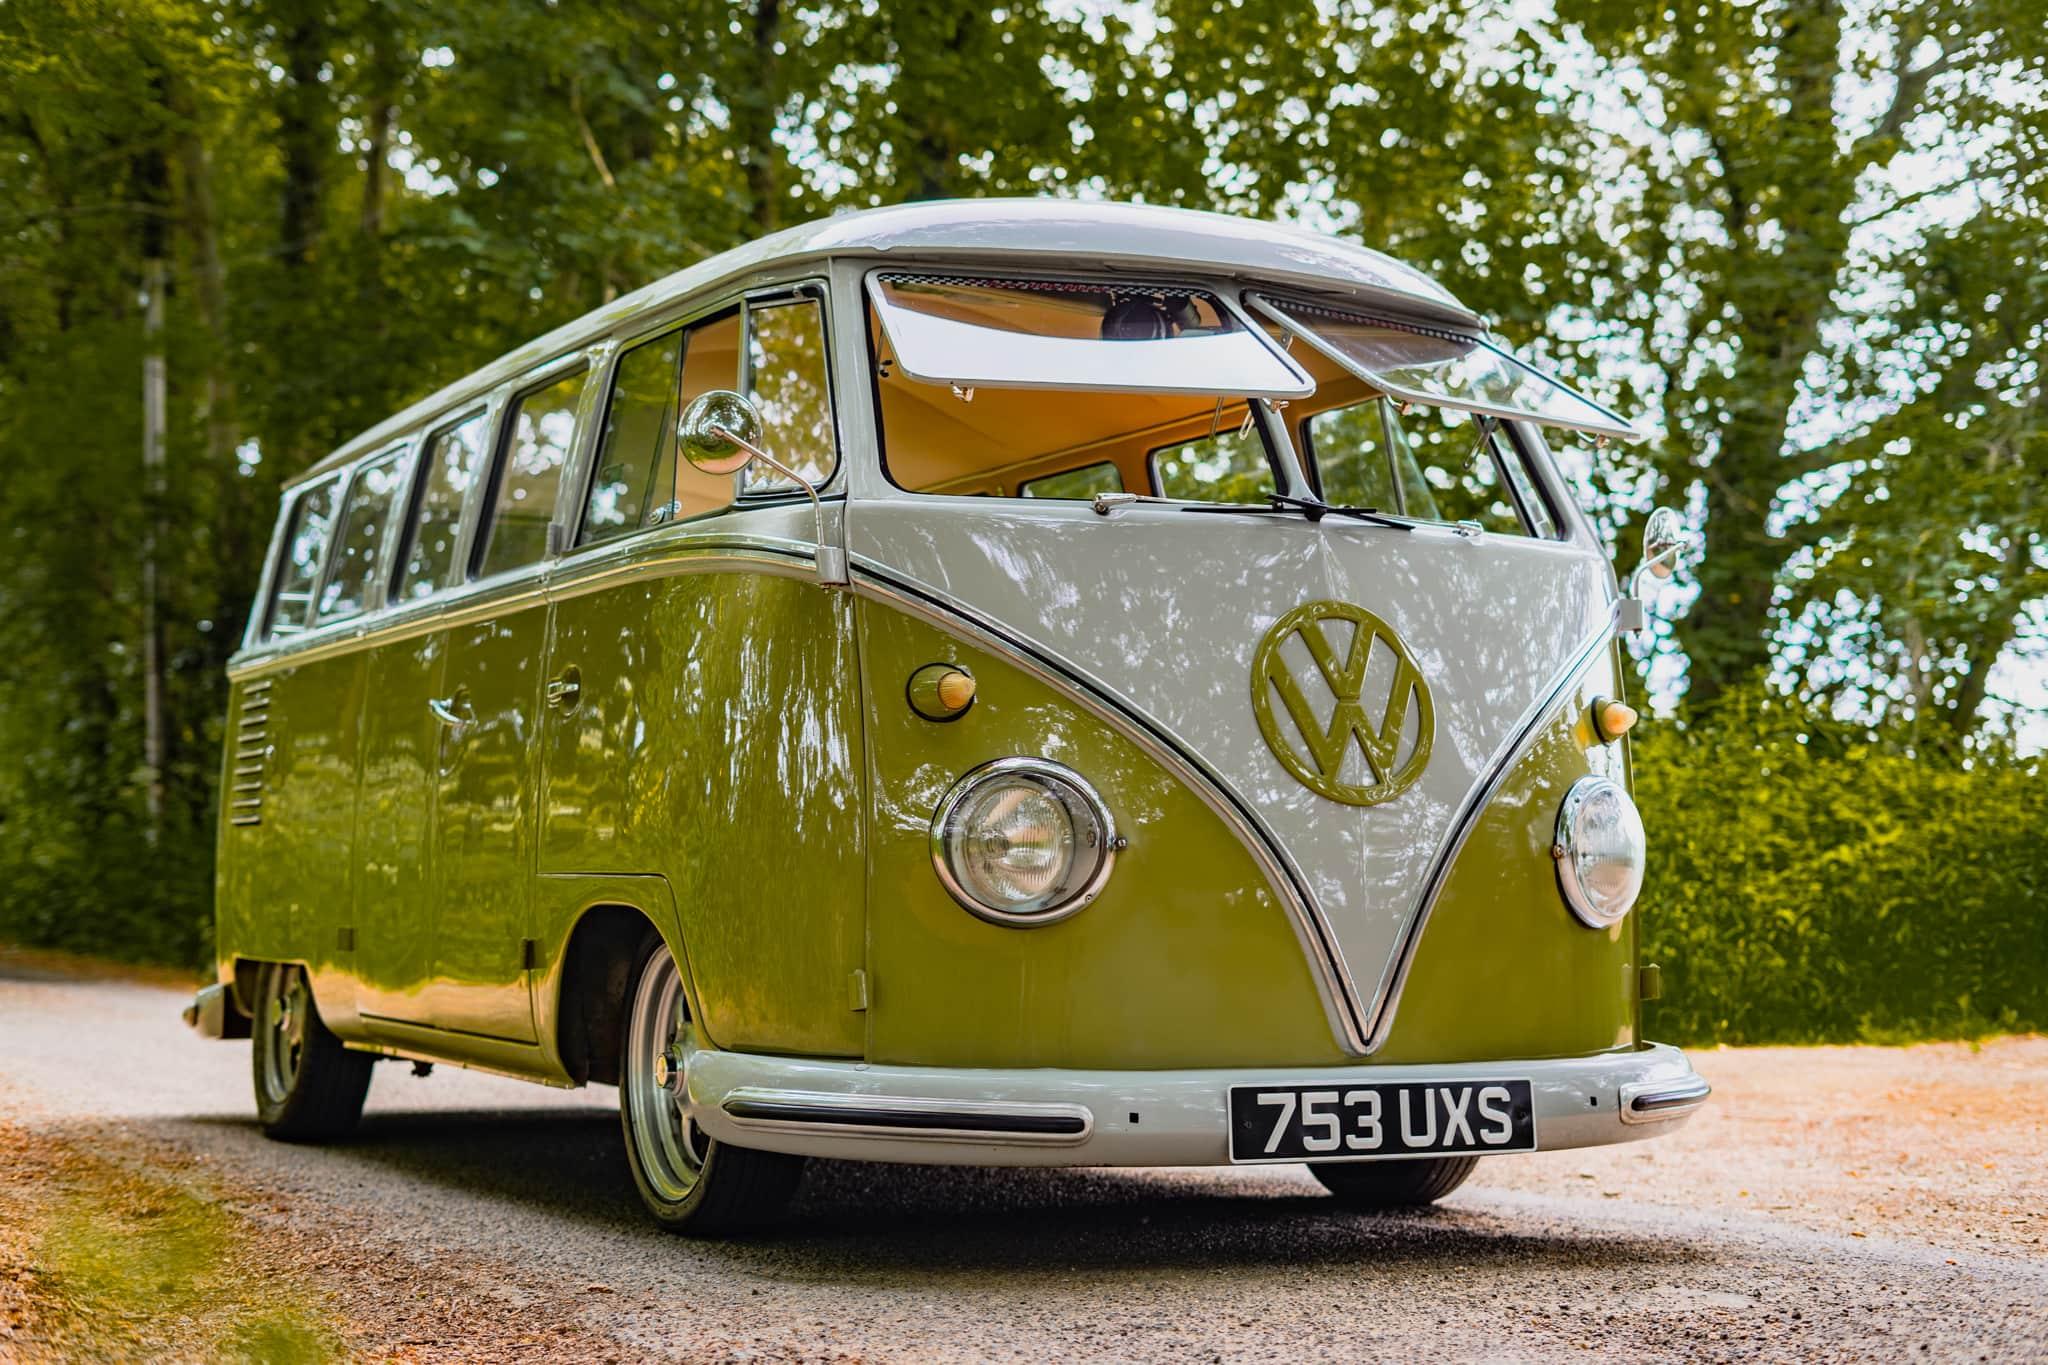 1961 VW Splitscreen - German 15 Window Deluxe - 14th June